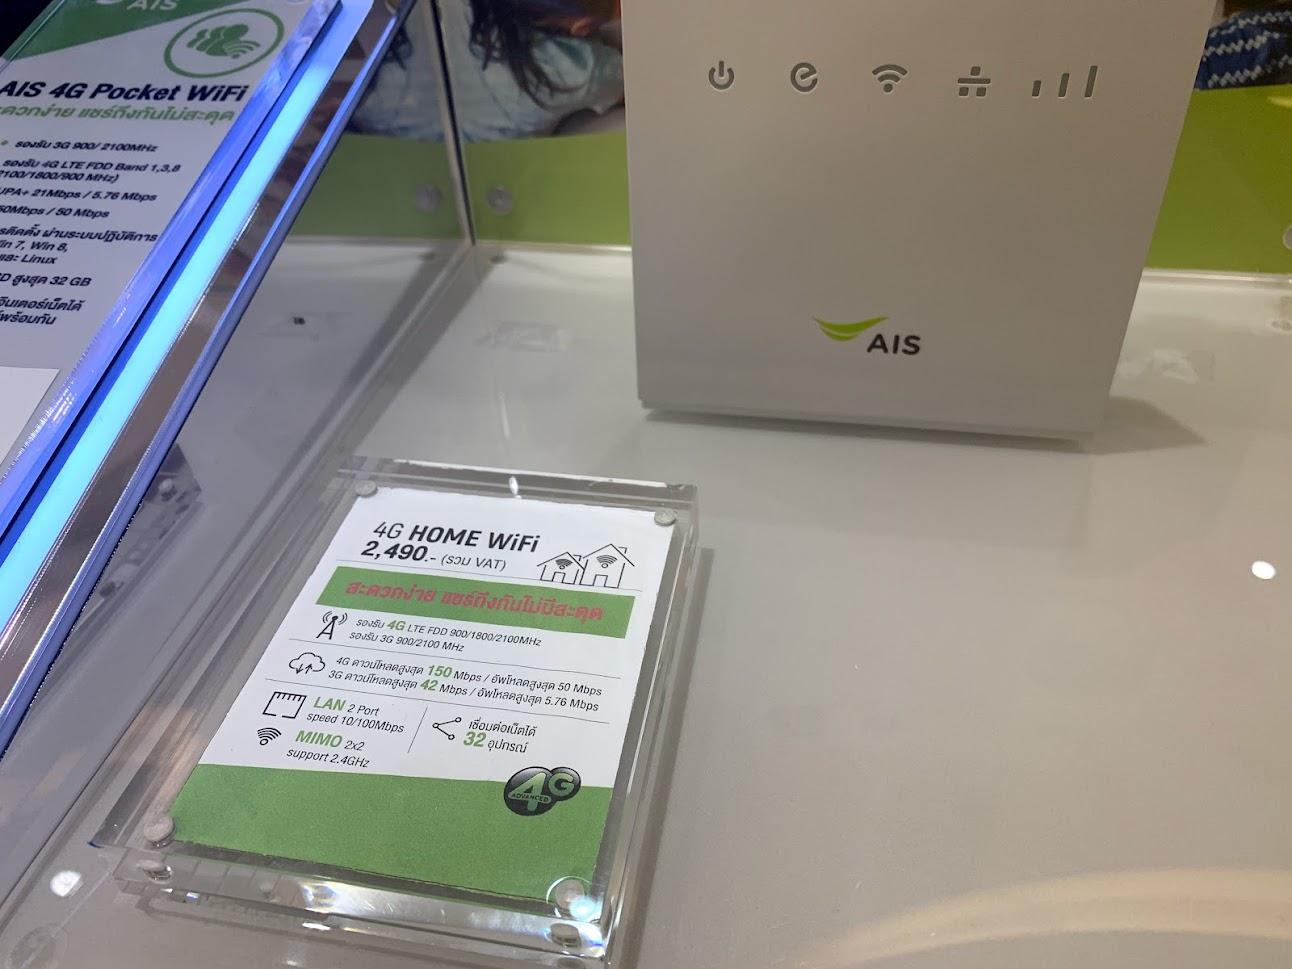 AIS で販売している据え置き型ルータ。2,490バーツ